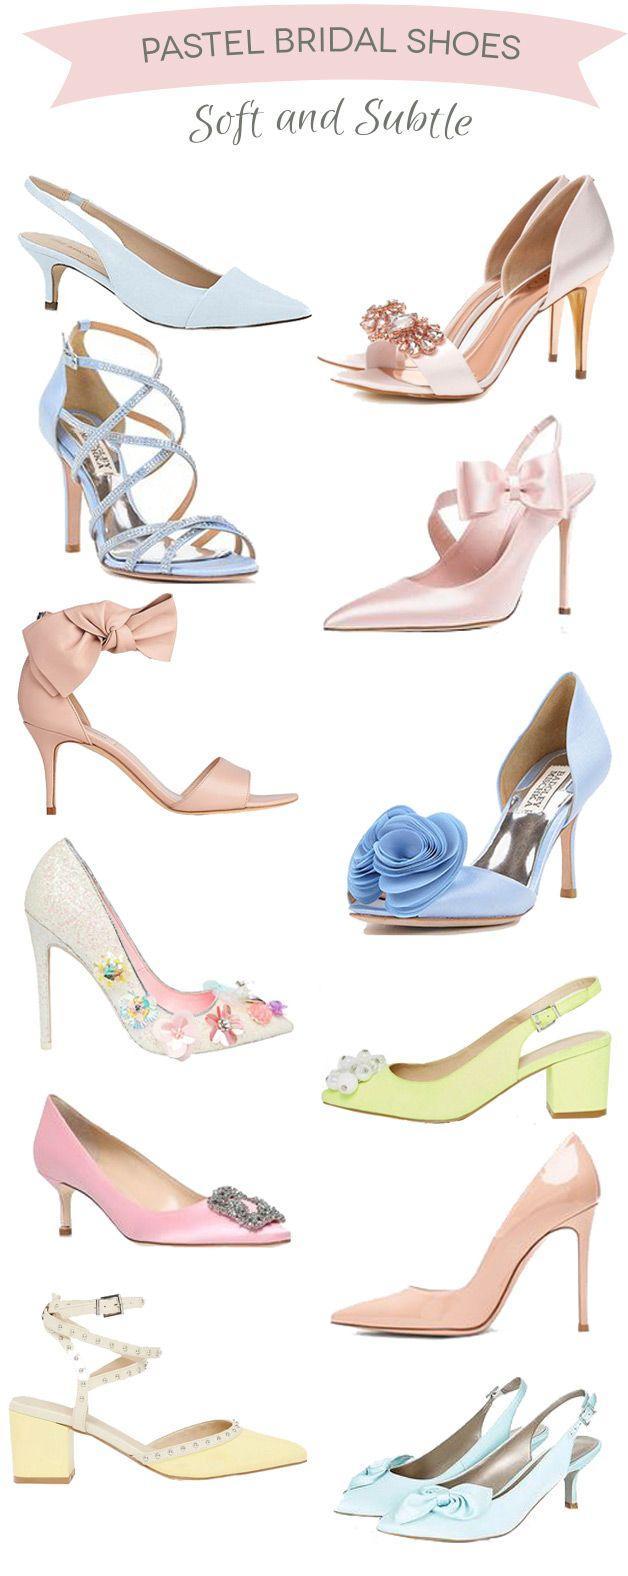 Hochzeit - Dreamy Shades: 12 Pretty Pastel Bridal Shoes